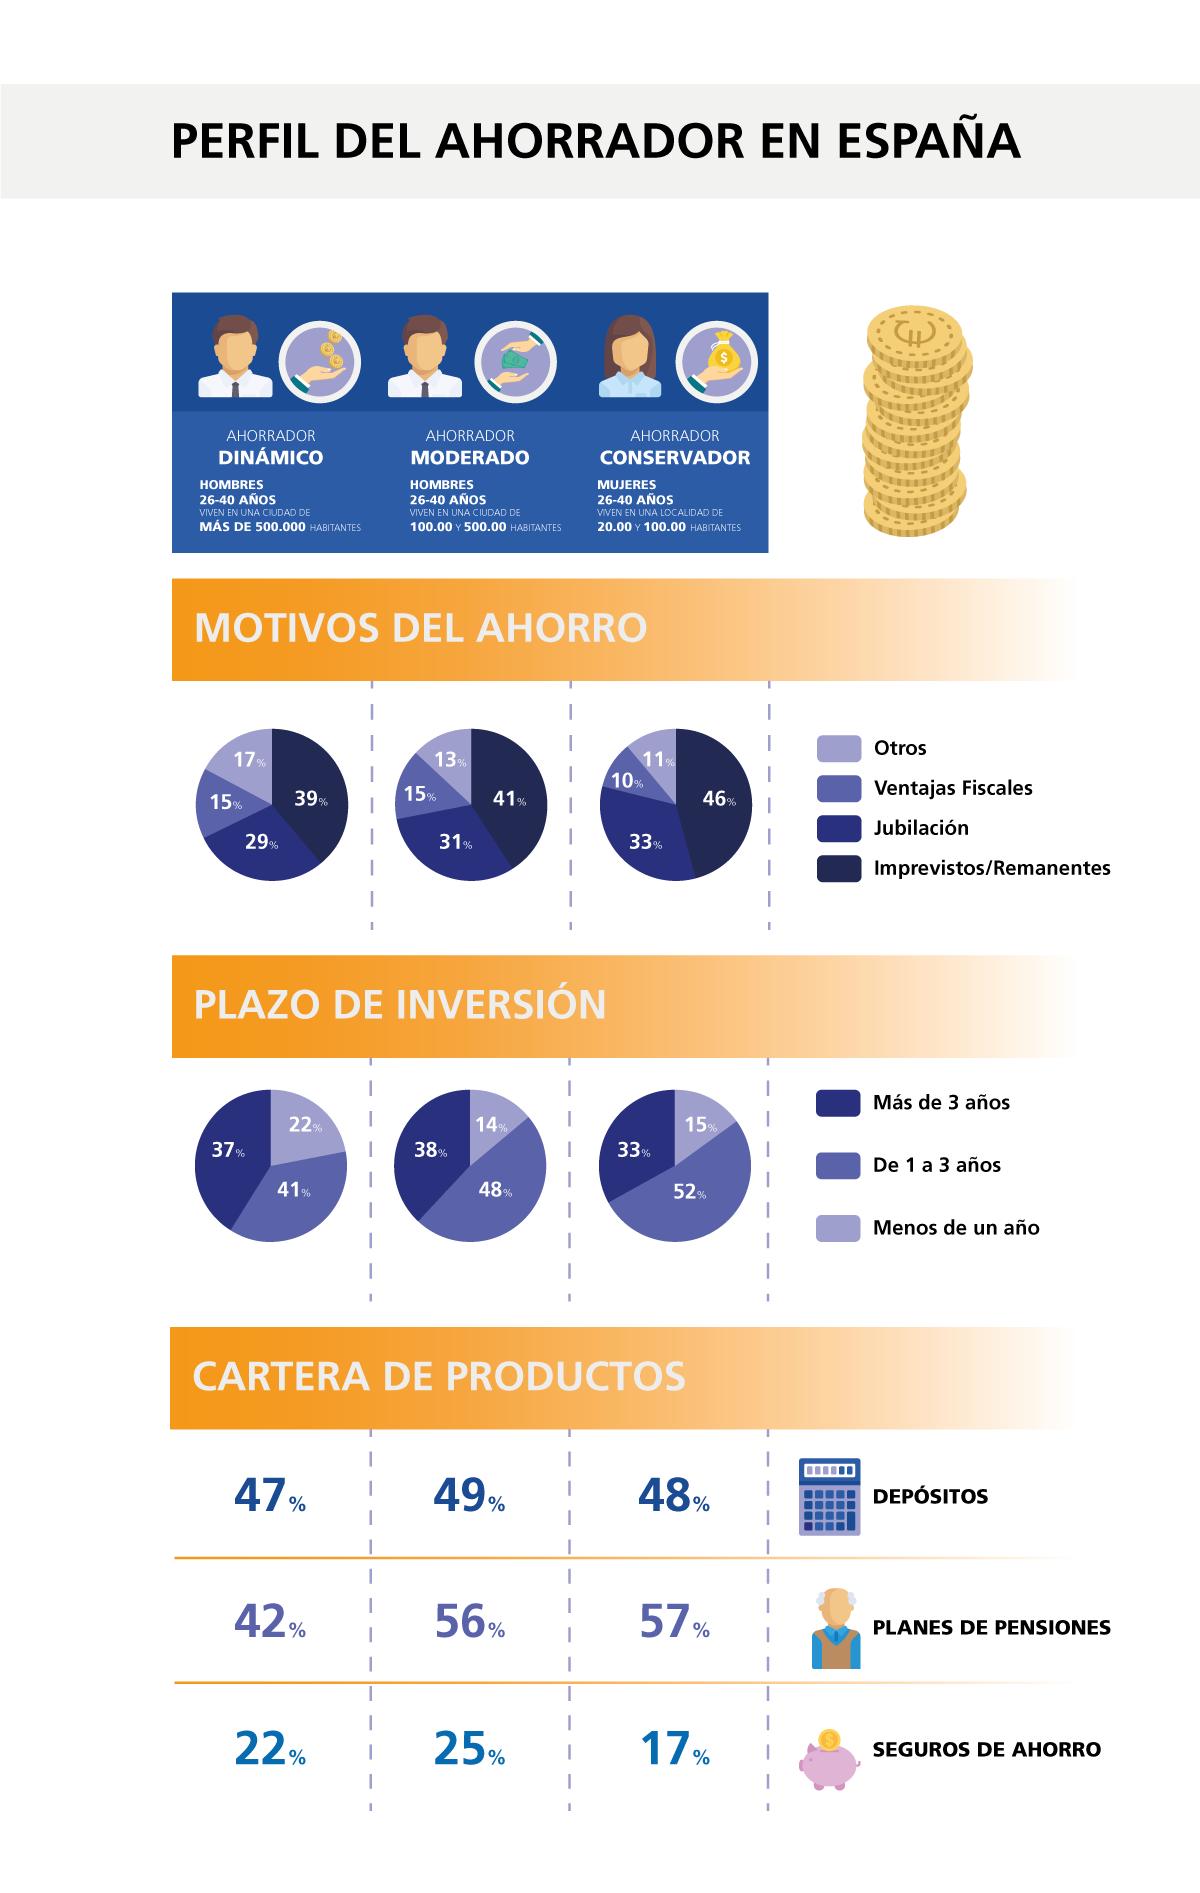 Perfil del ahorrador en España